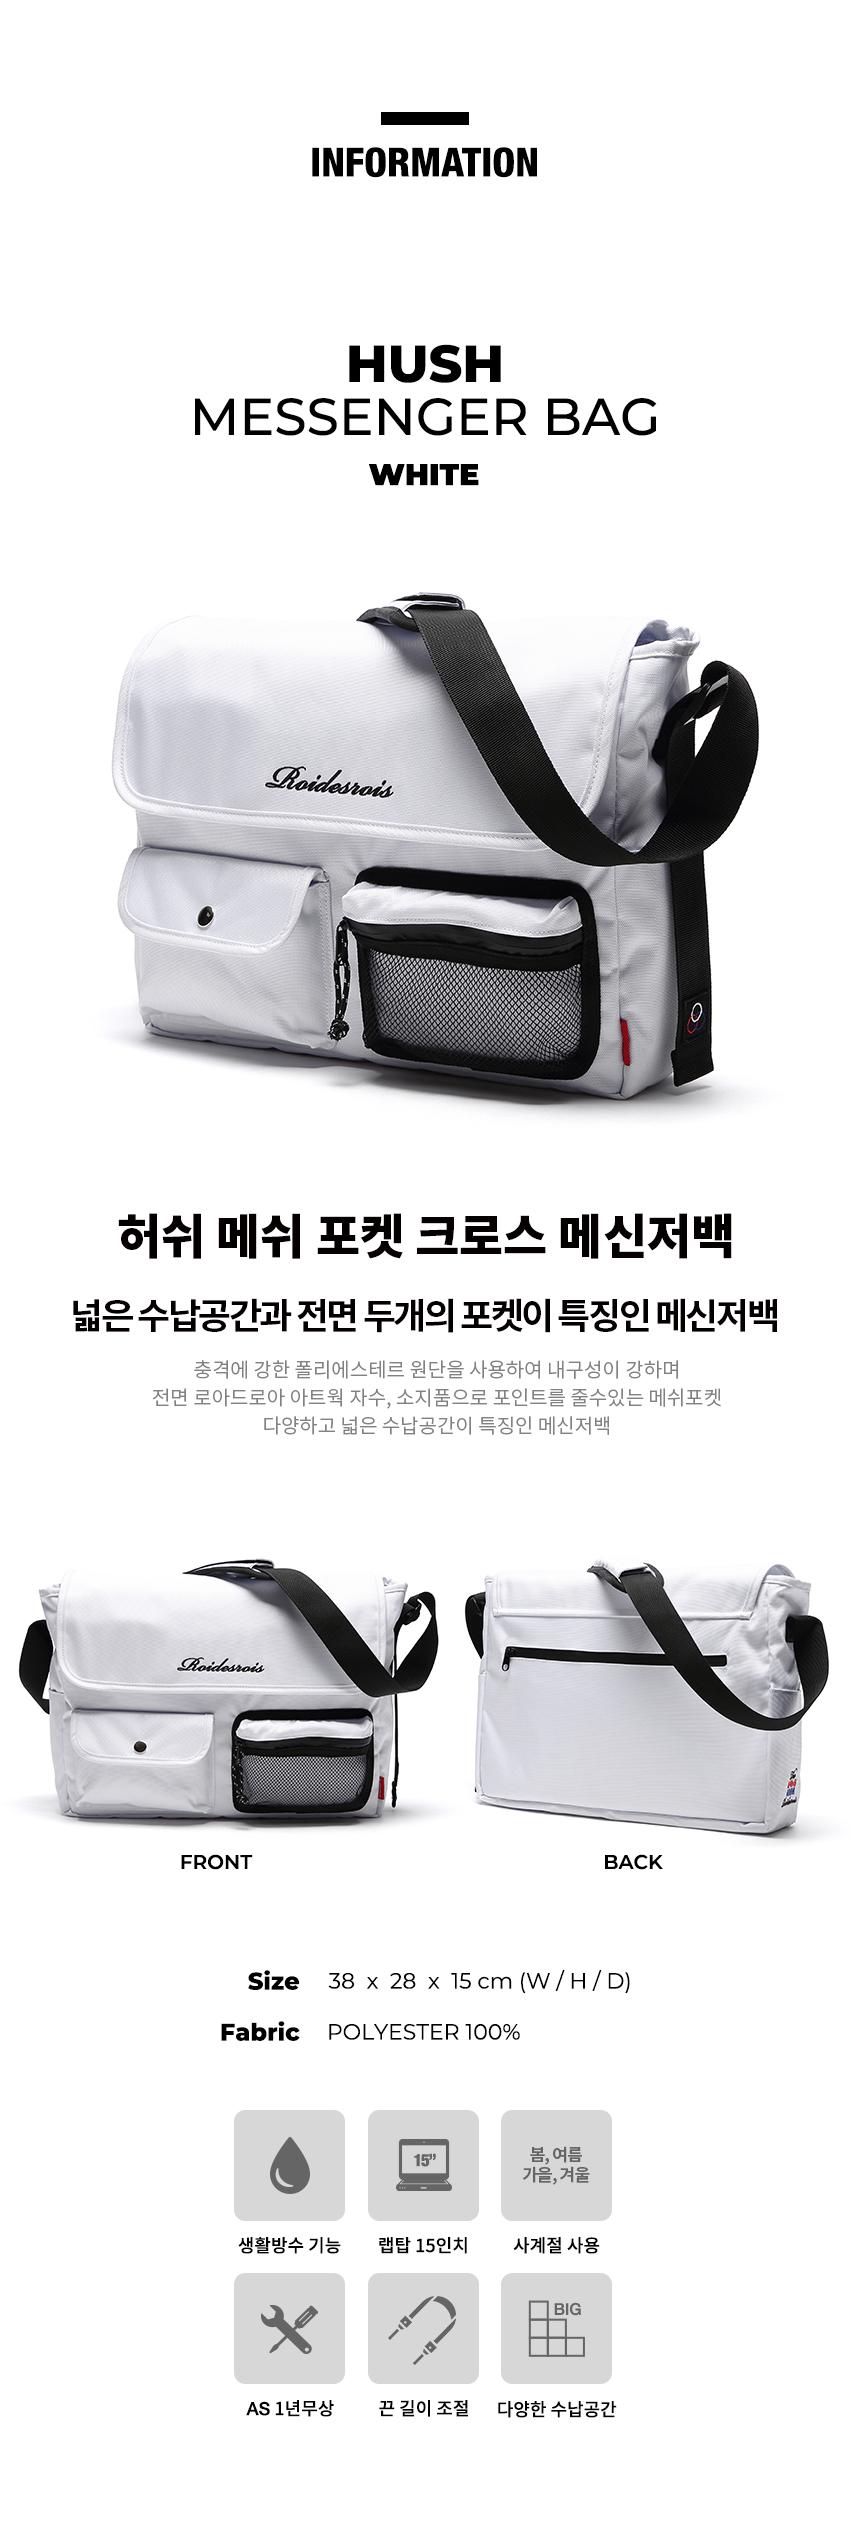 [로아드로아]ROIDESROIS - HUSH MESSENGER BAG (WHITE) 가방 메신저백 메신져백 크로스백